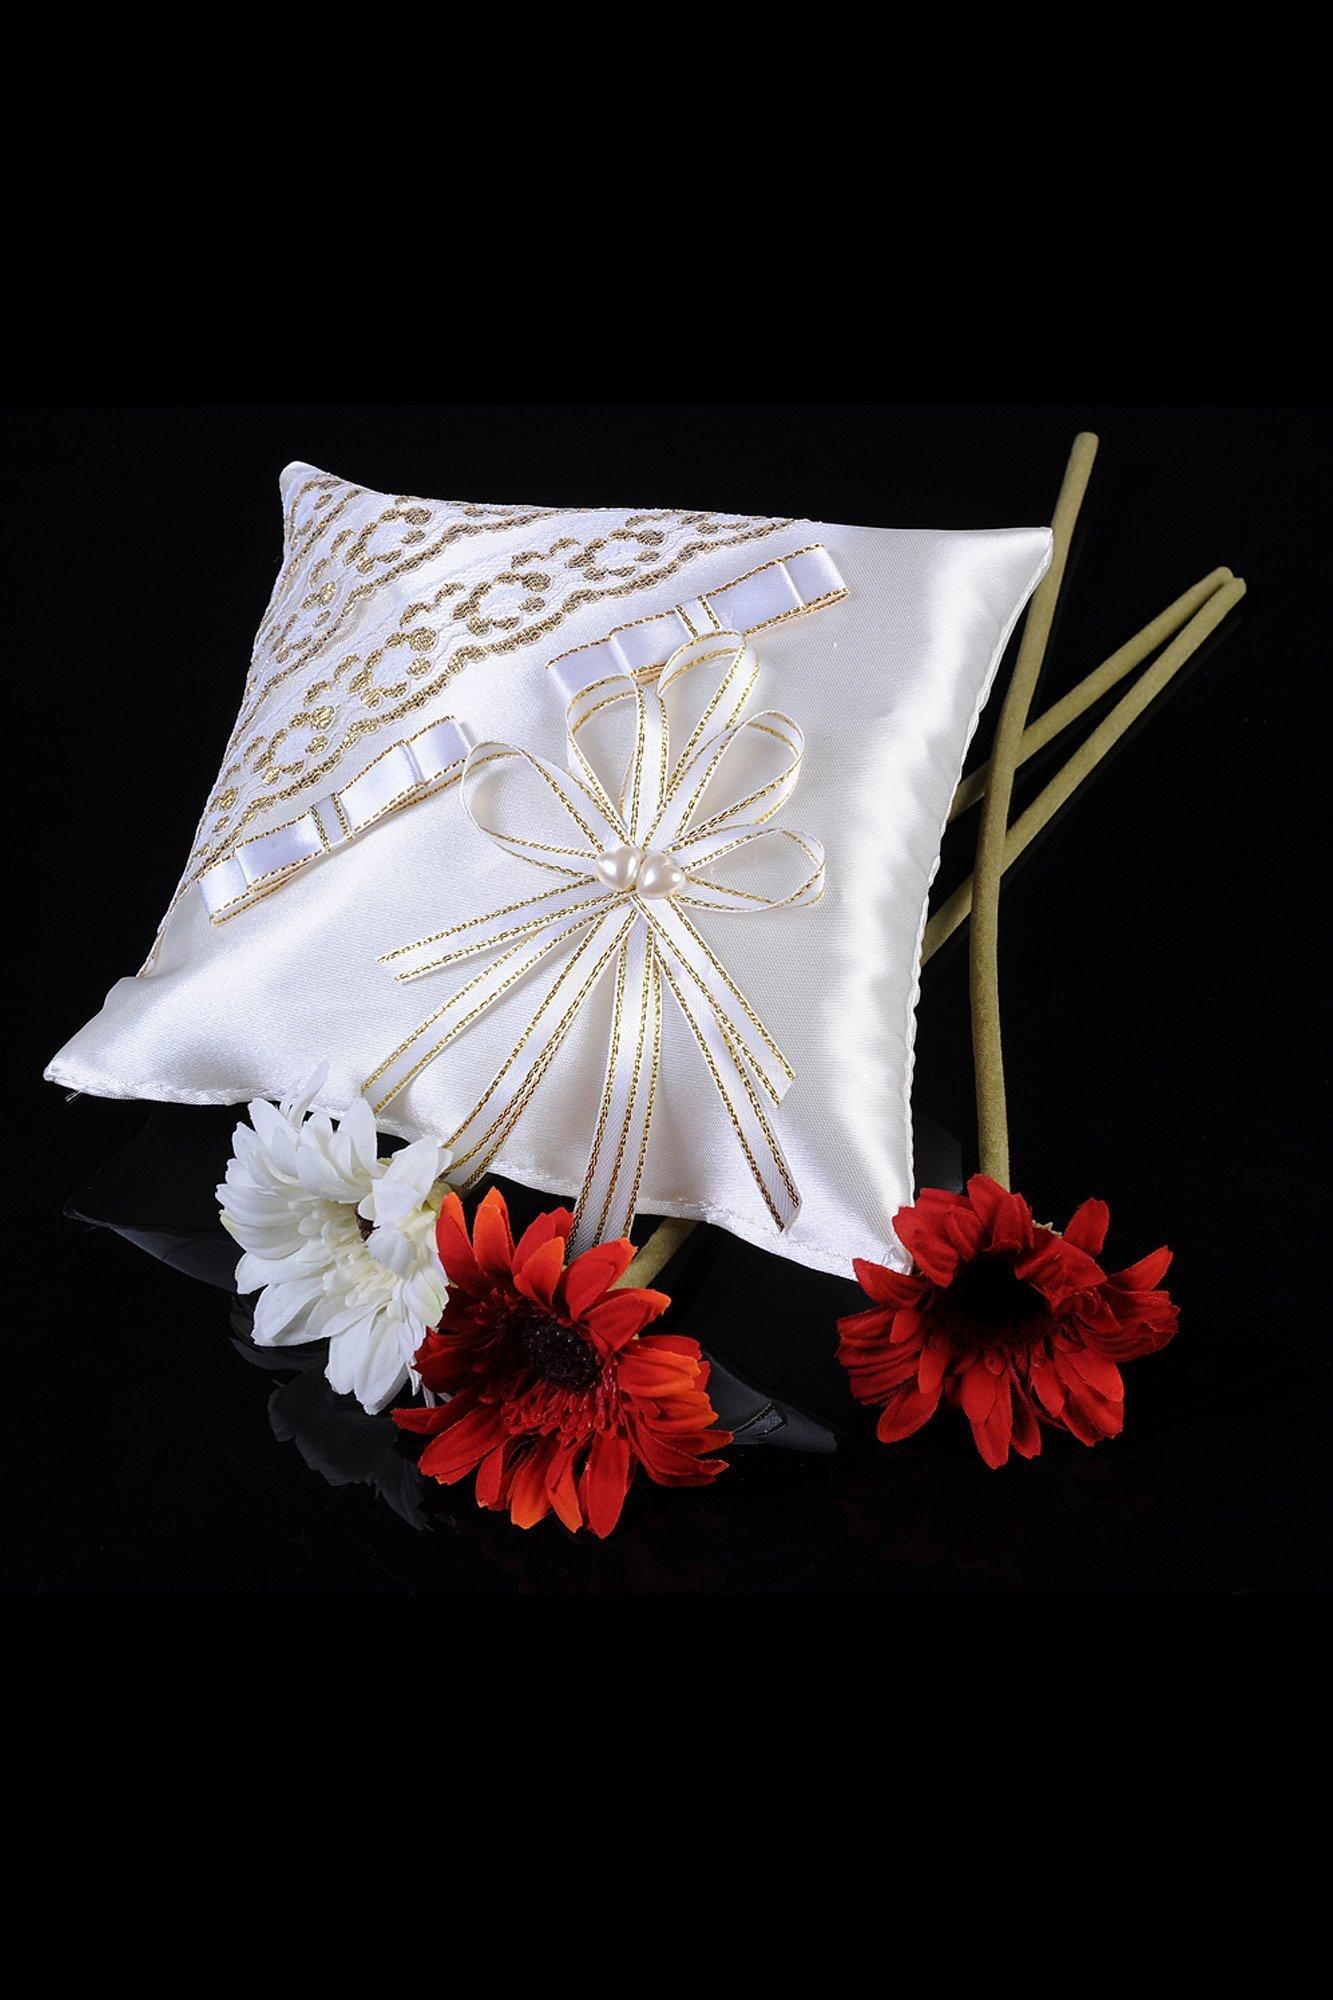 Лаконичная атласная подушечка для колец с декором золотистым кружевом.